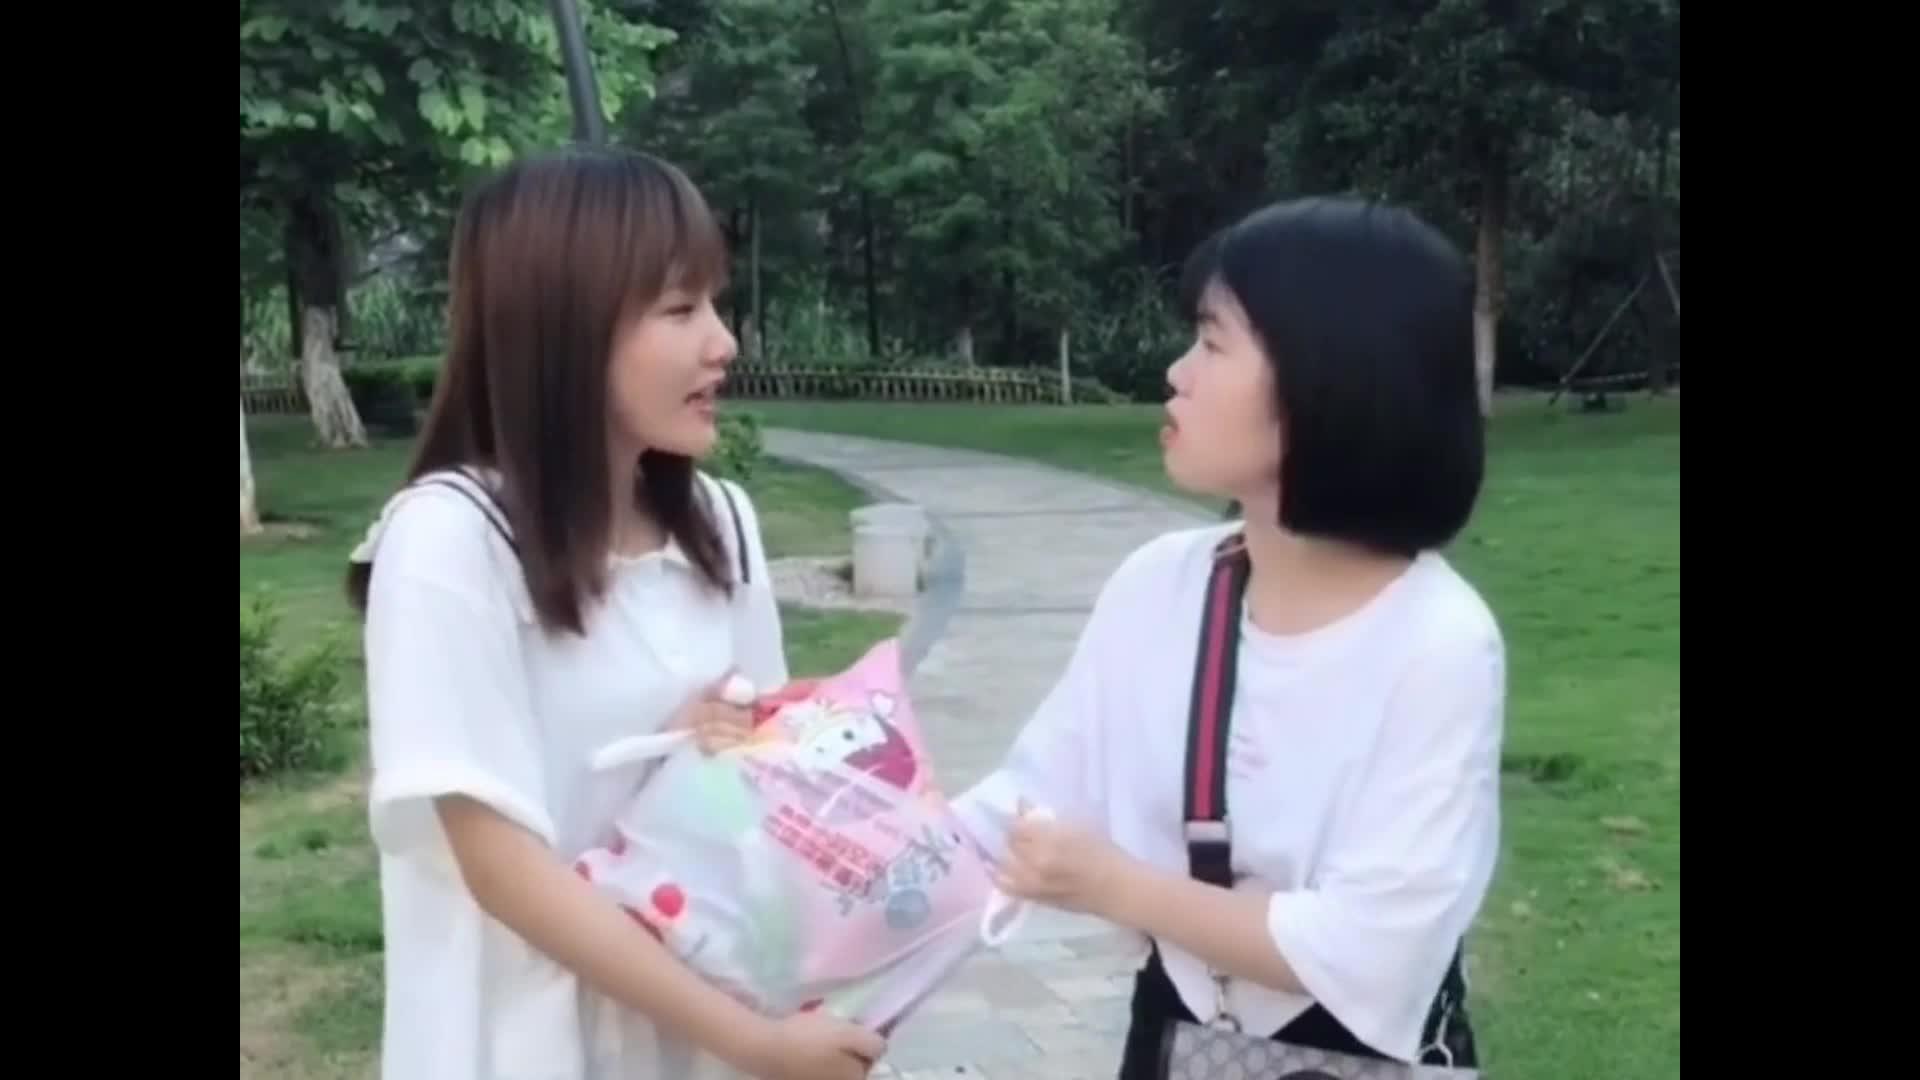 陈婷跟弟媳抢零食弟弟来劝架被陈婷打了场面战火强烈